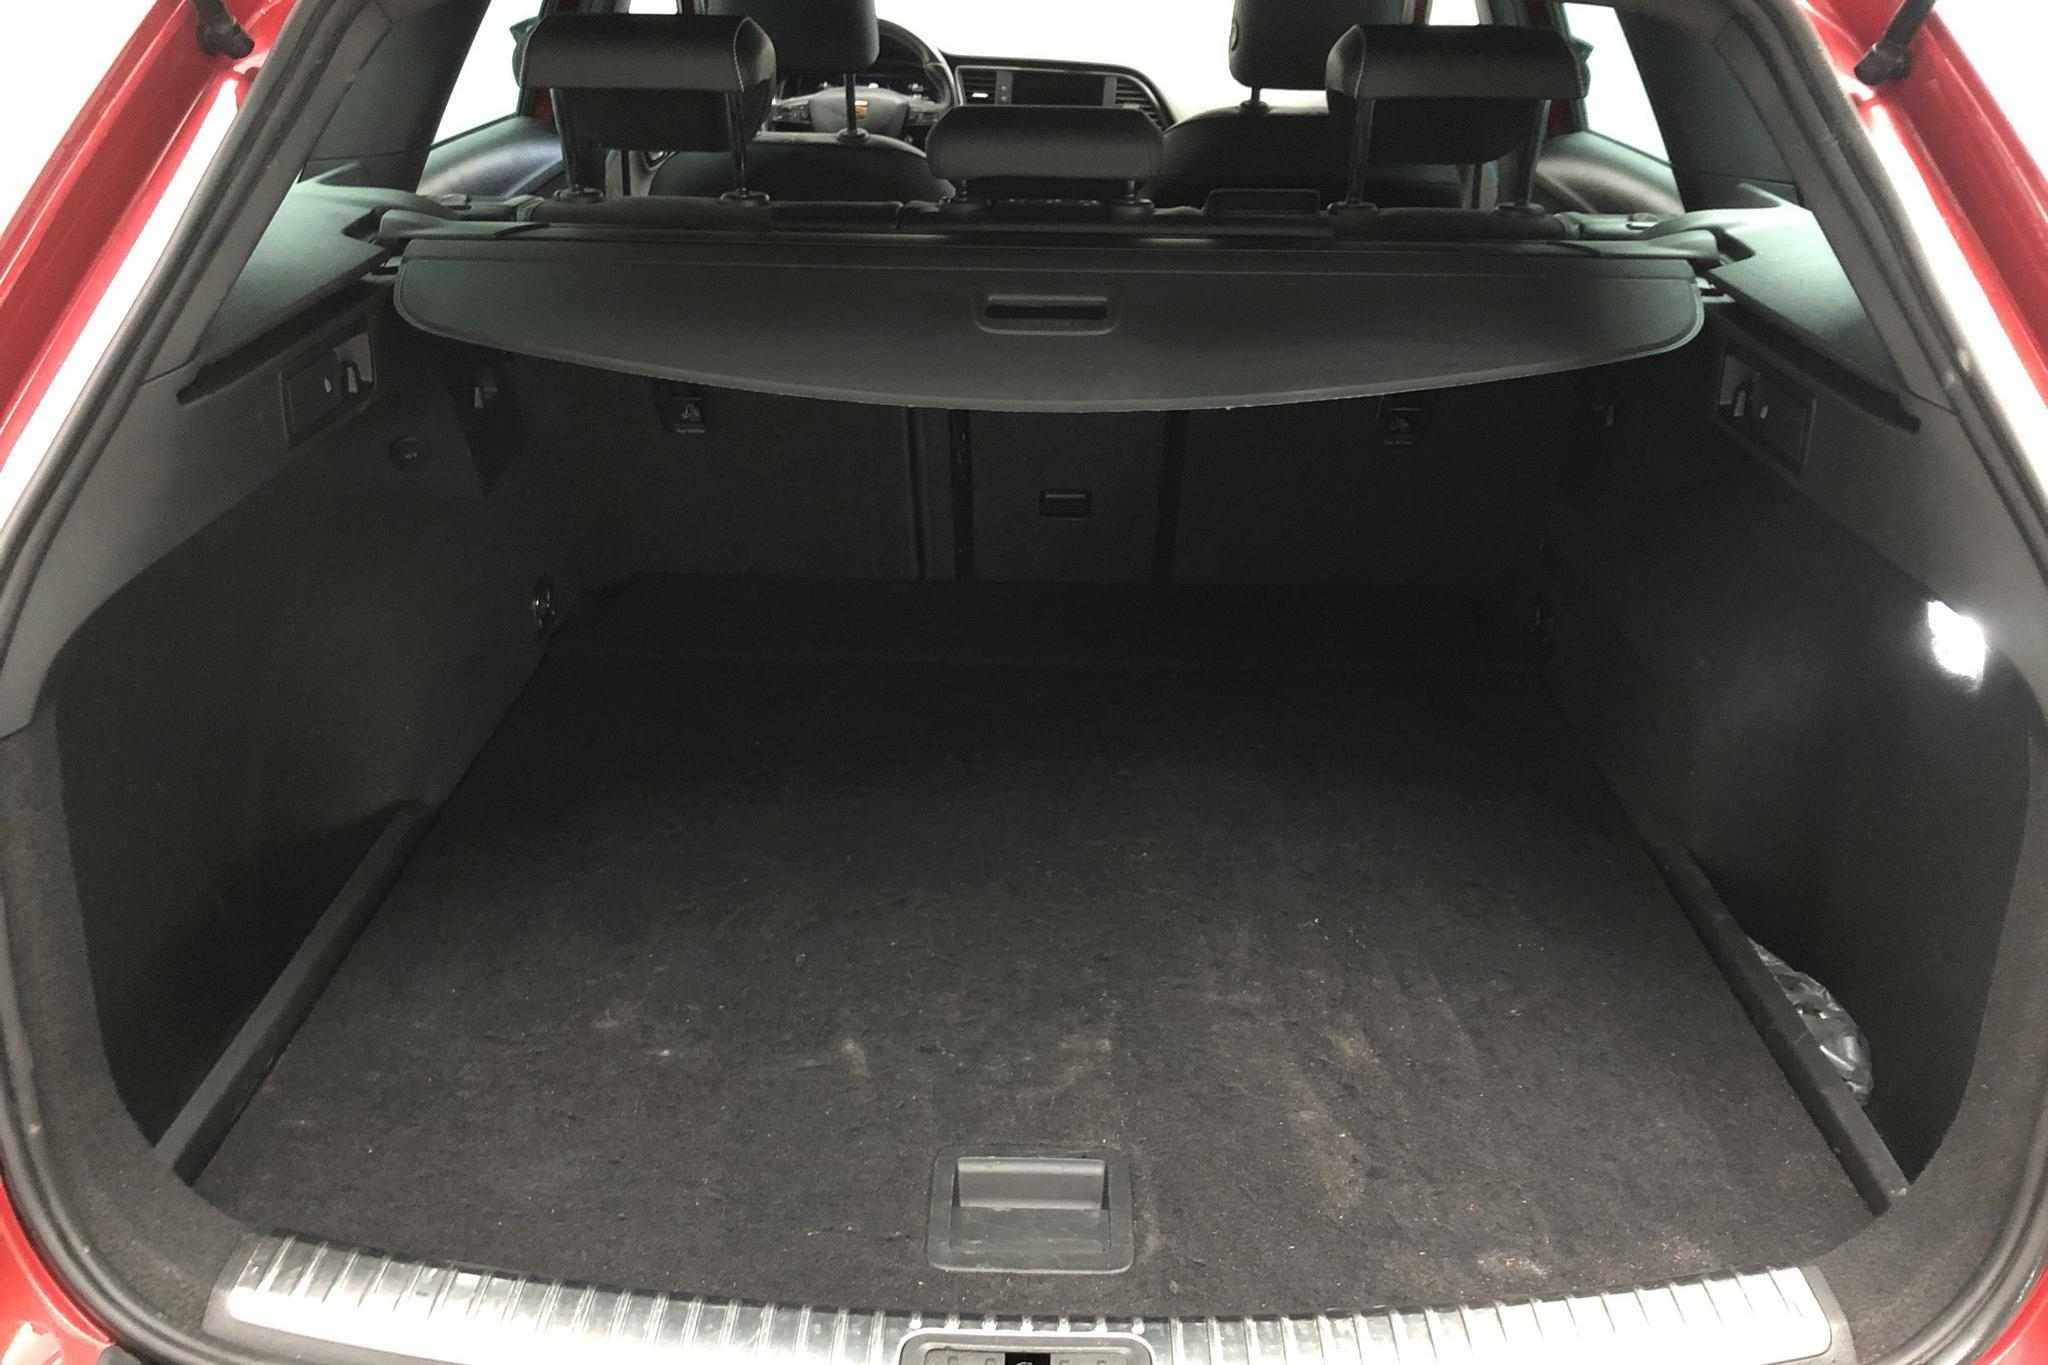 Seat Leon 2.0 TSI Cupra ST 4Drive (300hk) - 5 756 mil - Automat - röd - 2019